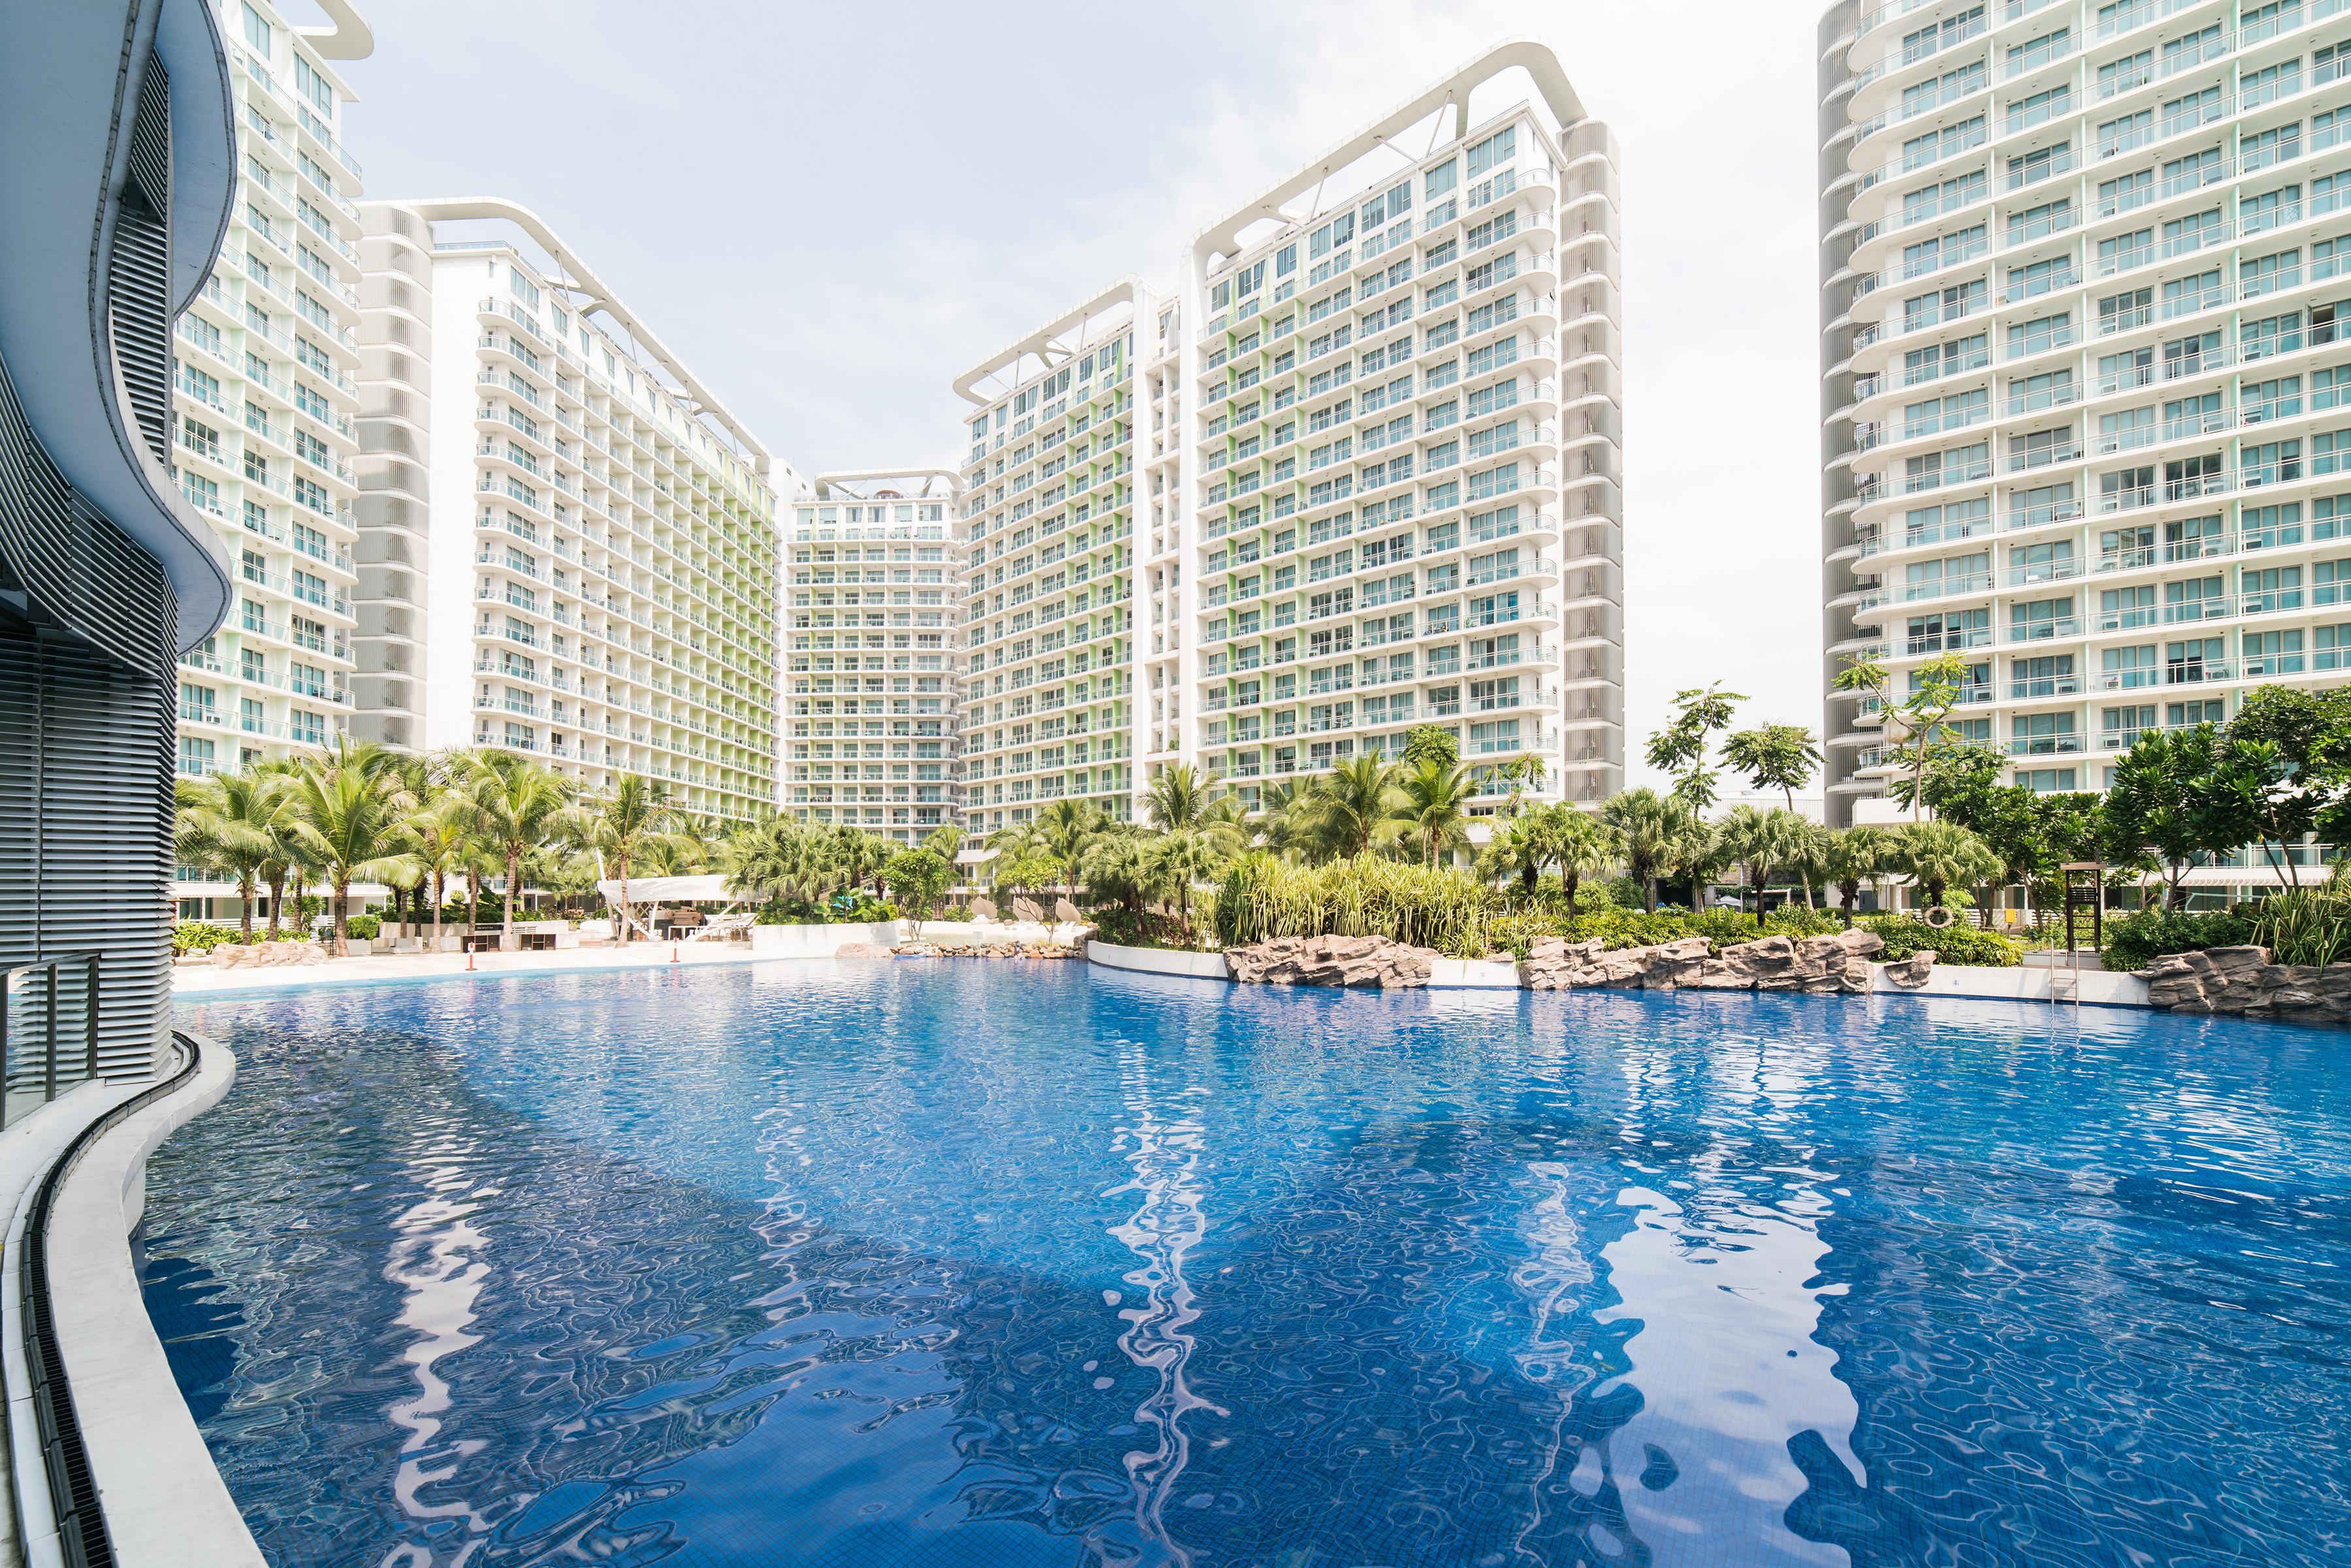 Wave Pool at Azure Urban Resort Residences